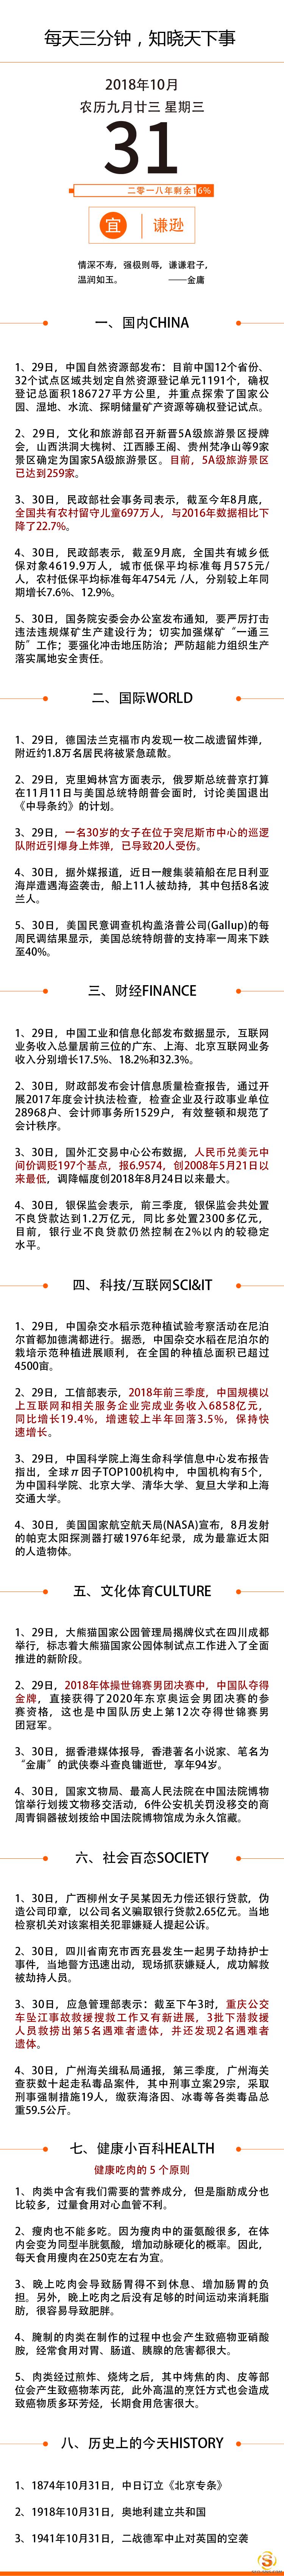 【网络营销顾问】2018年10月31日星期三国内外新闻资讯快报